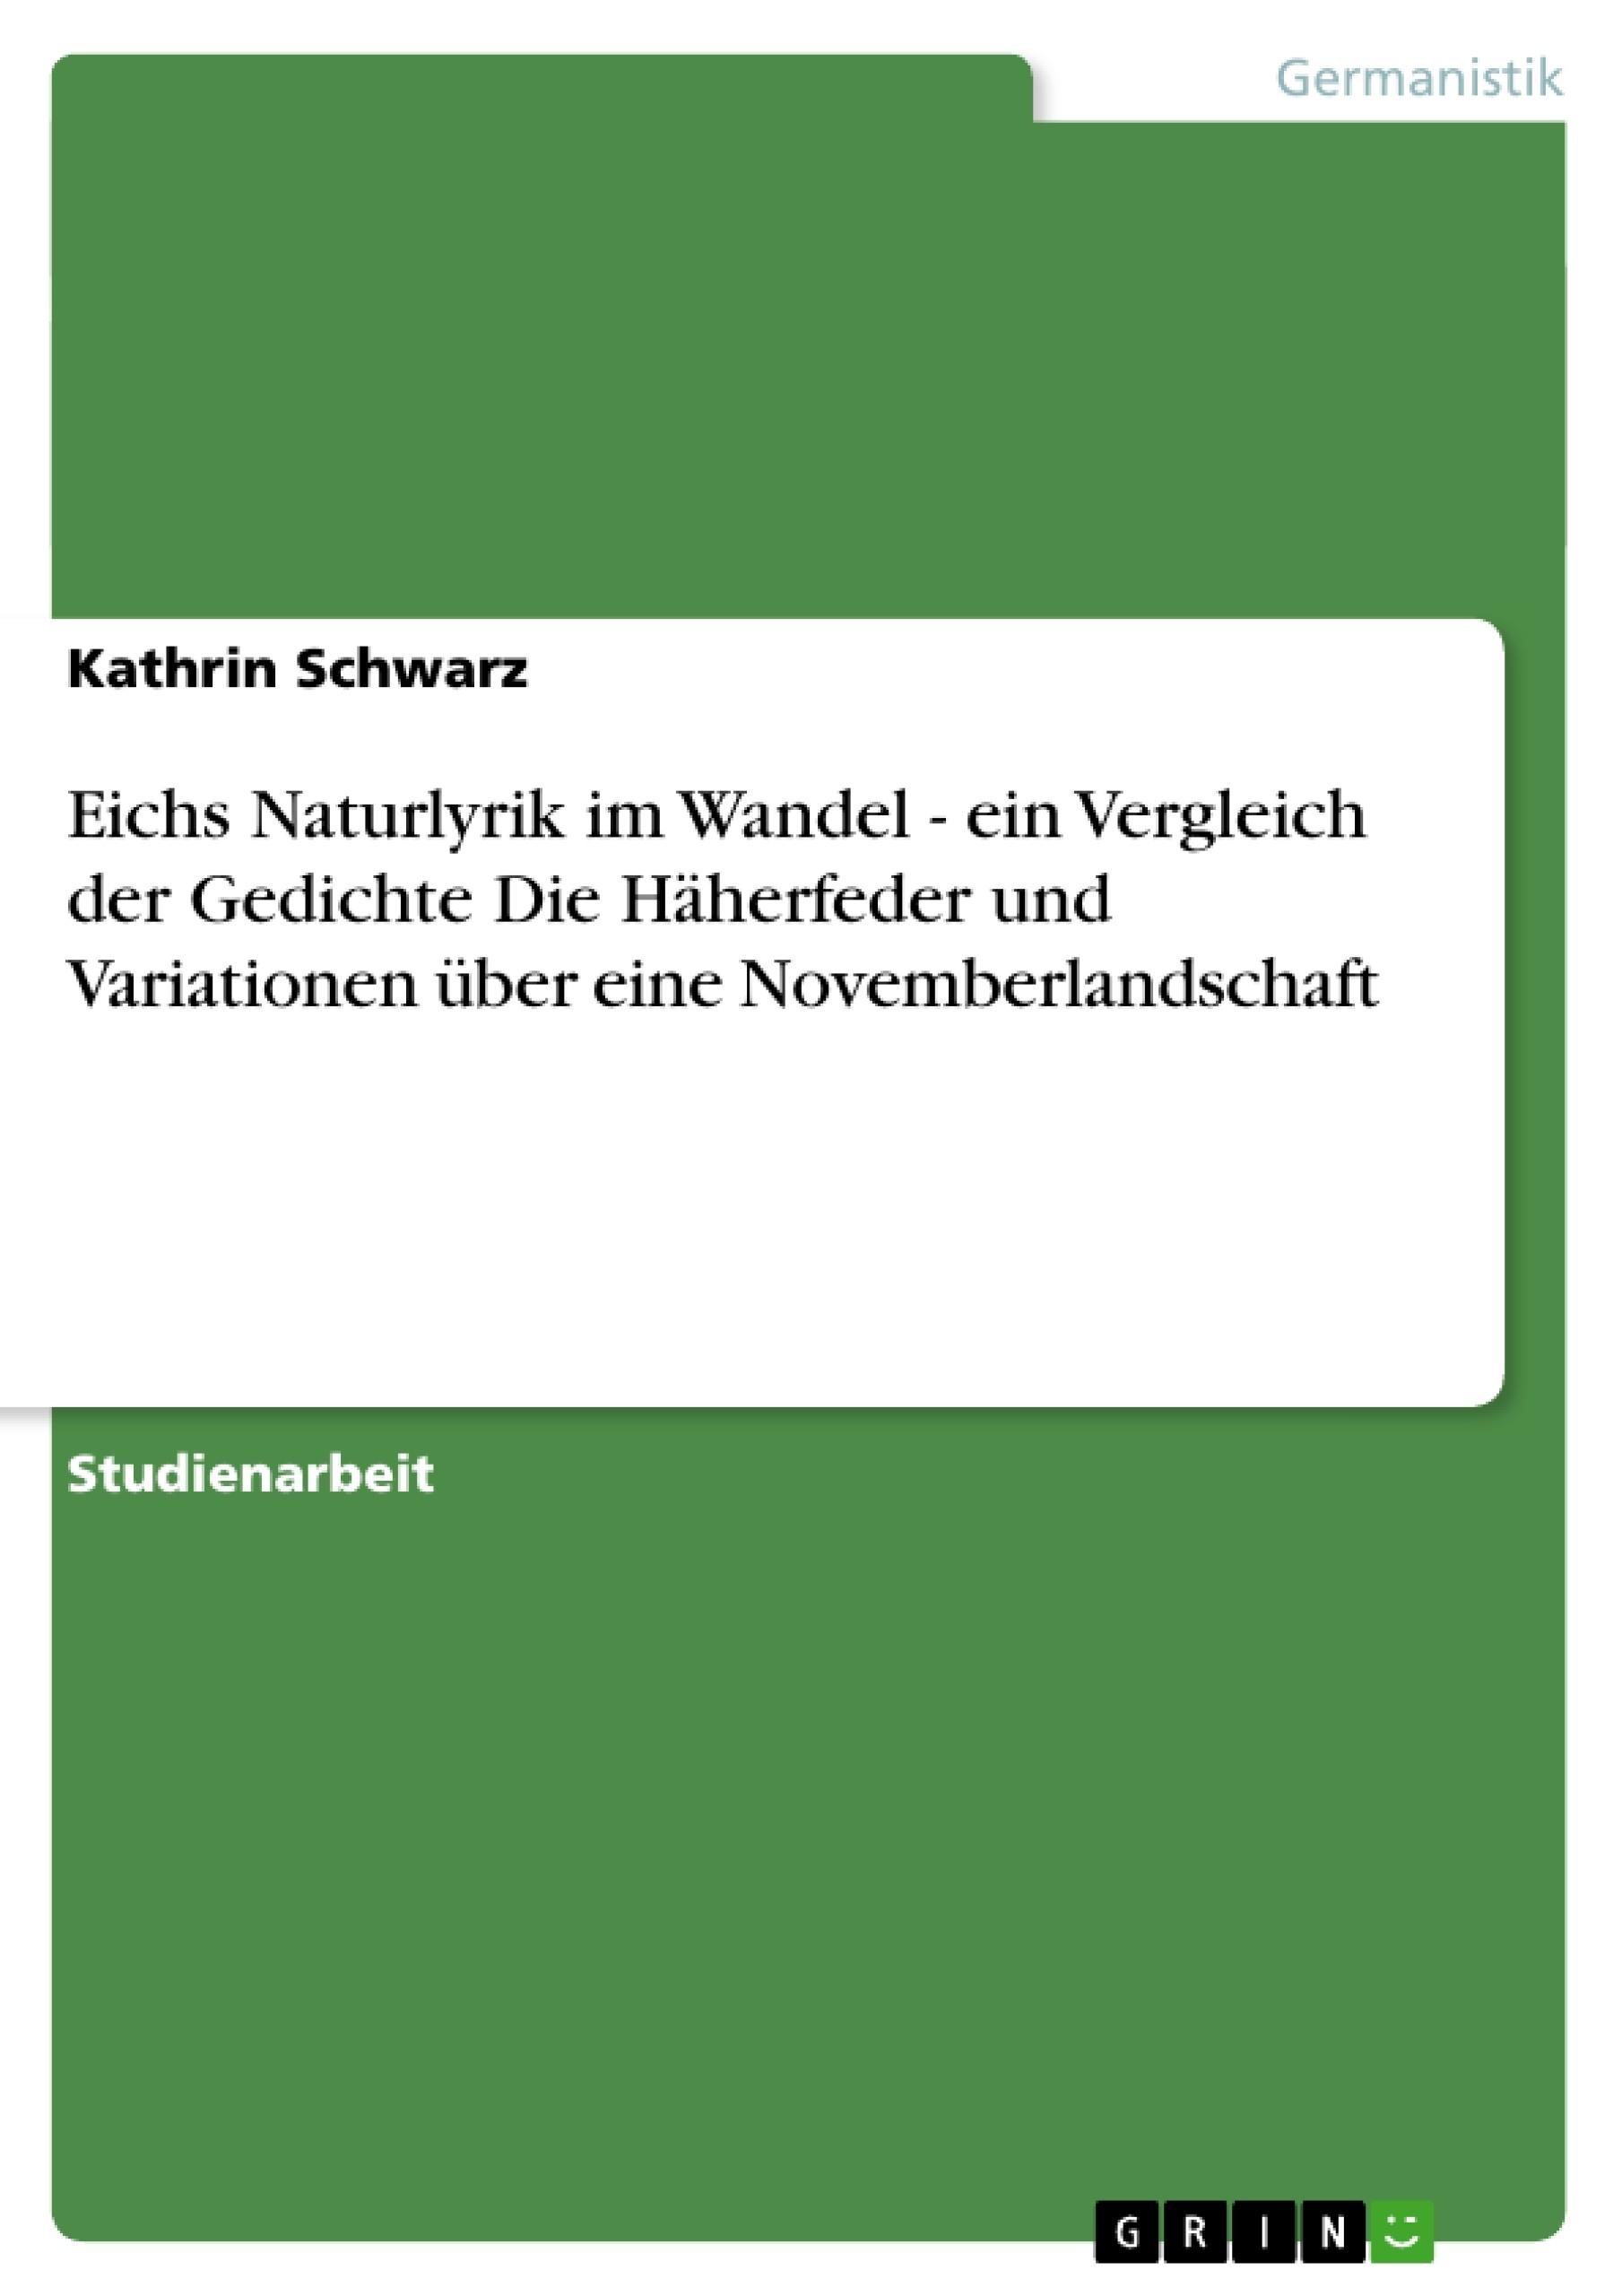 Titel: Eichs Naturlyrik im Wandel - ein Vergleich der Gedichte Die Häherfeder und Variationen über eine Novemberlandschaft